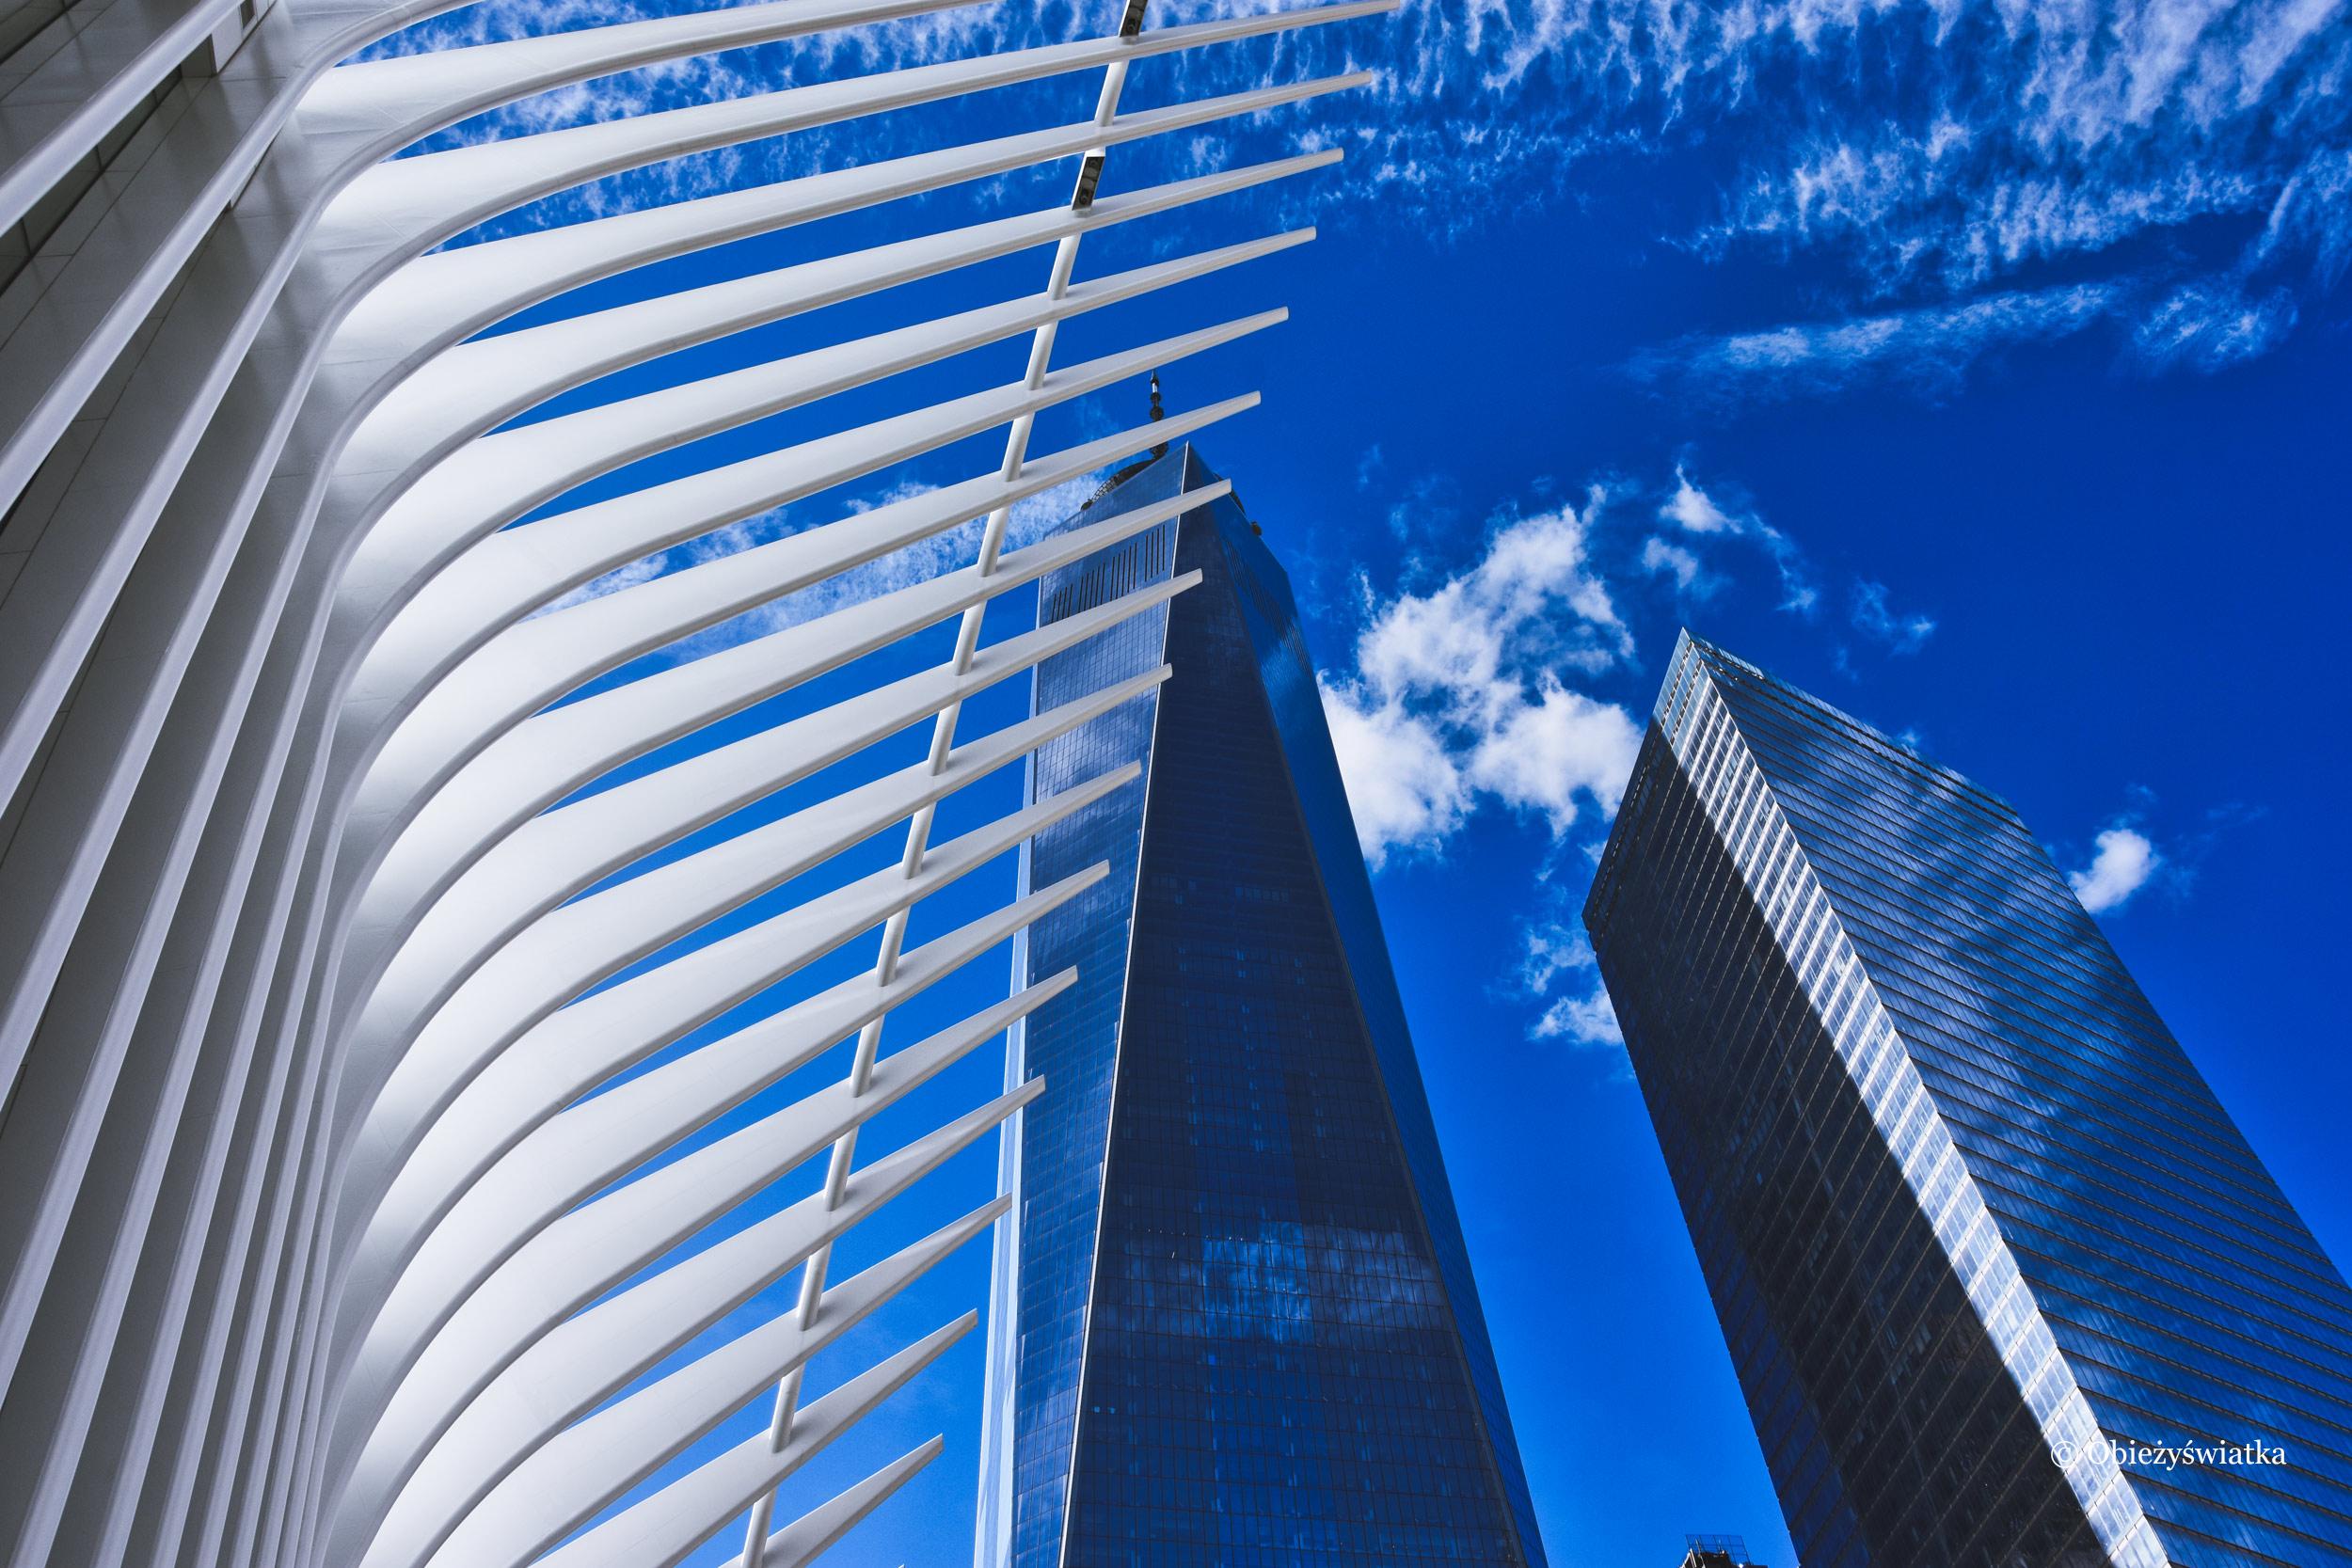 Dach stacji metra przy One World Trade Center, NYC